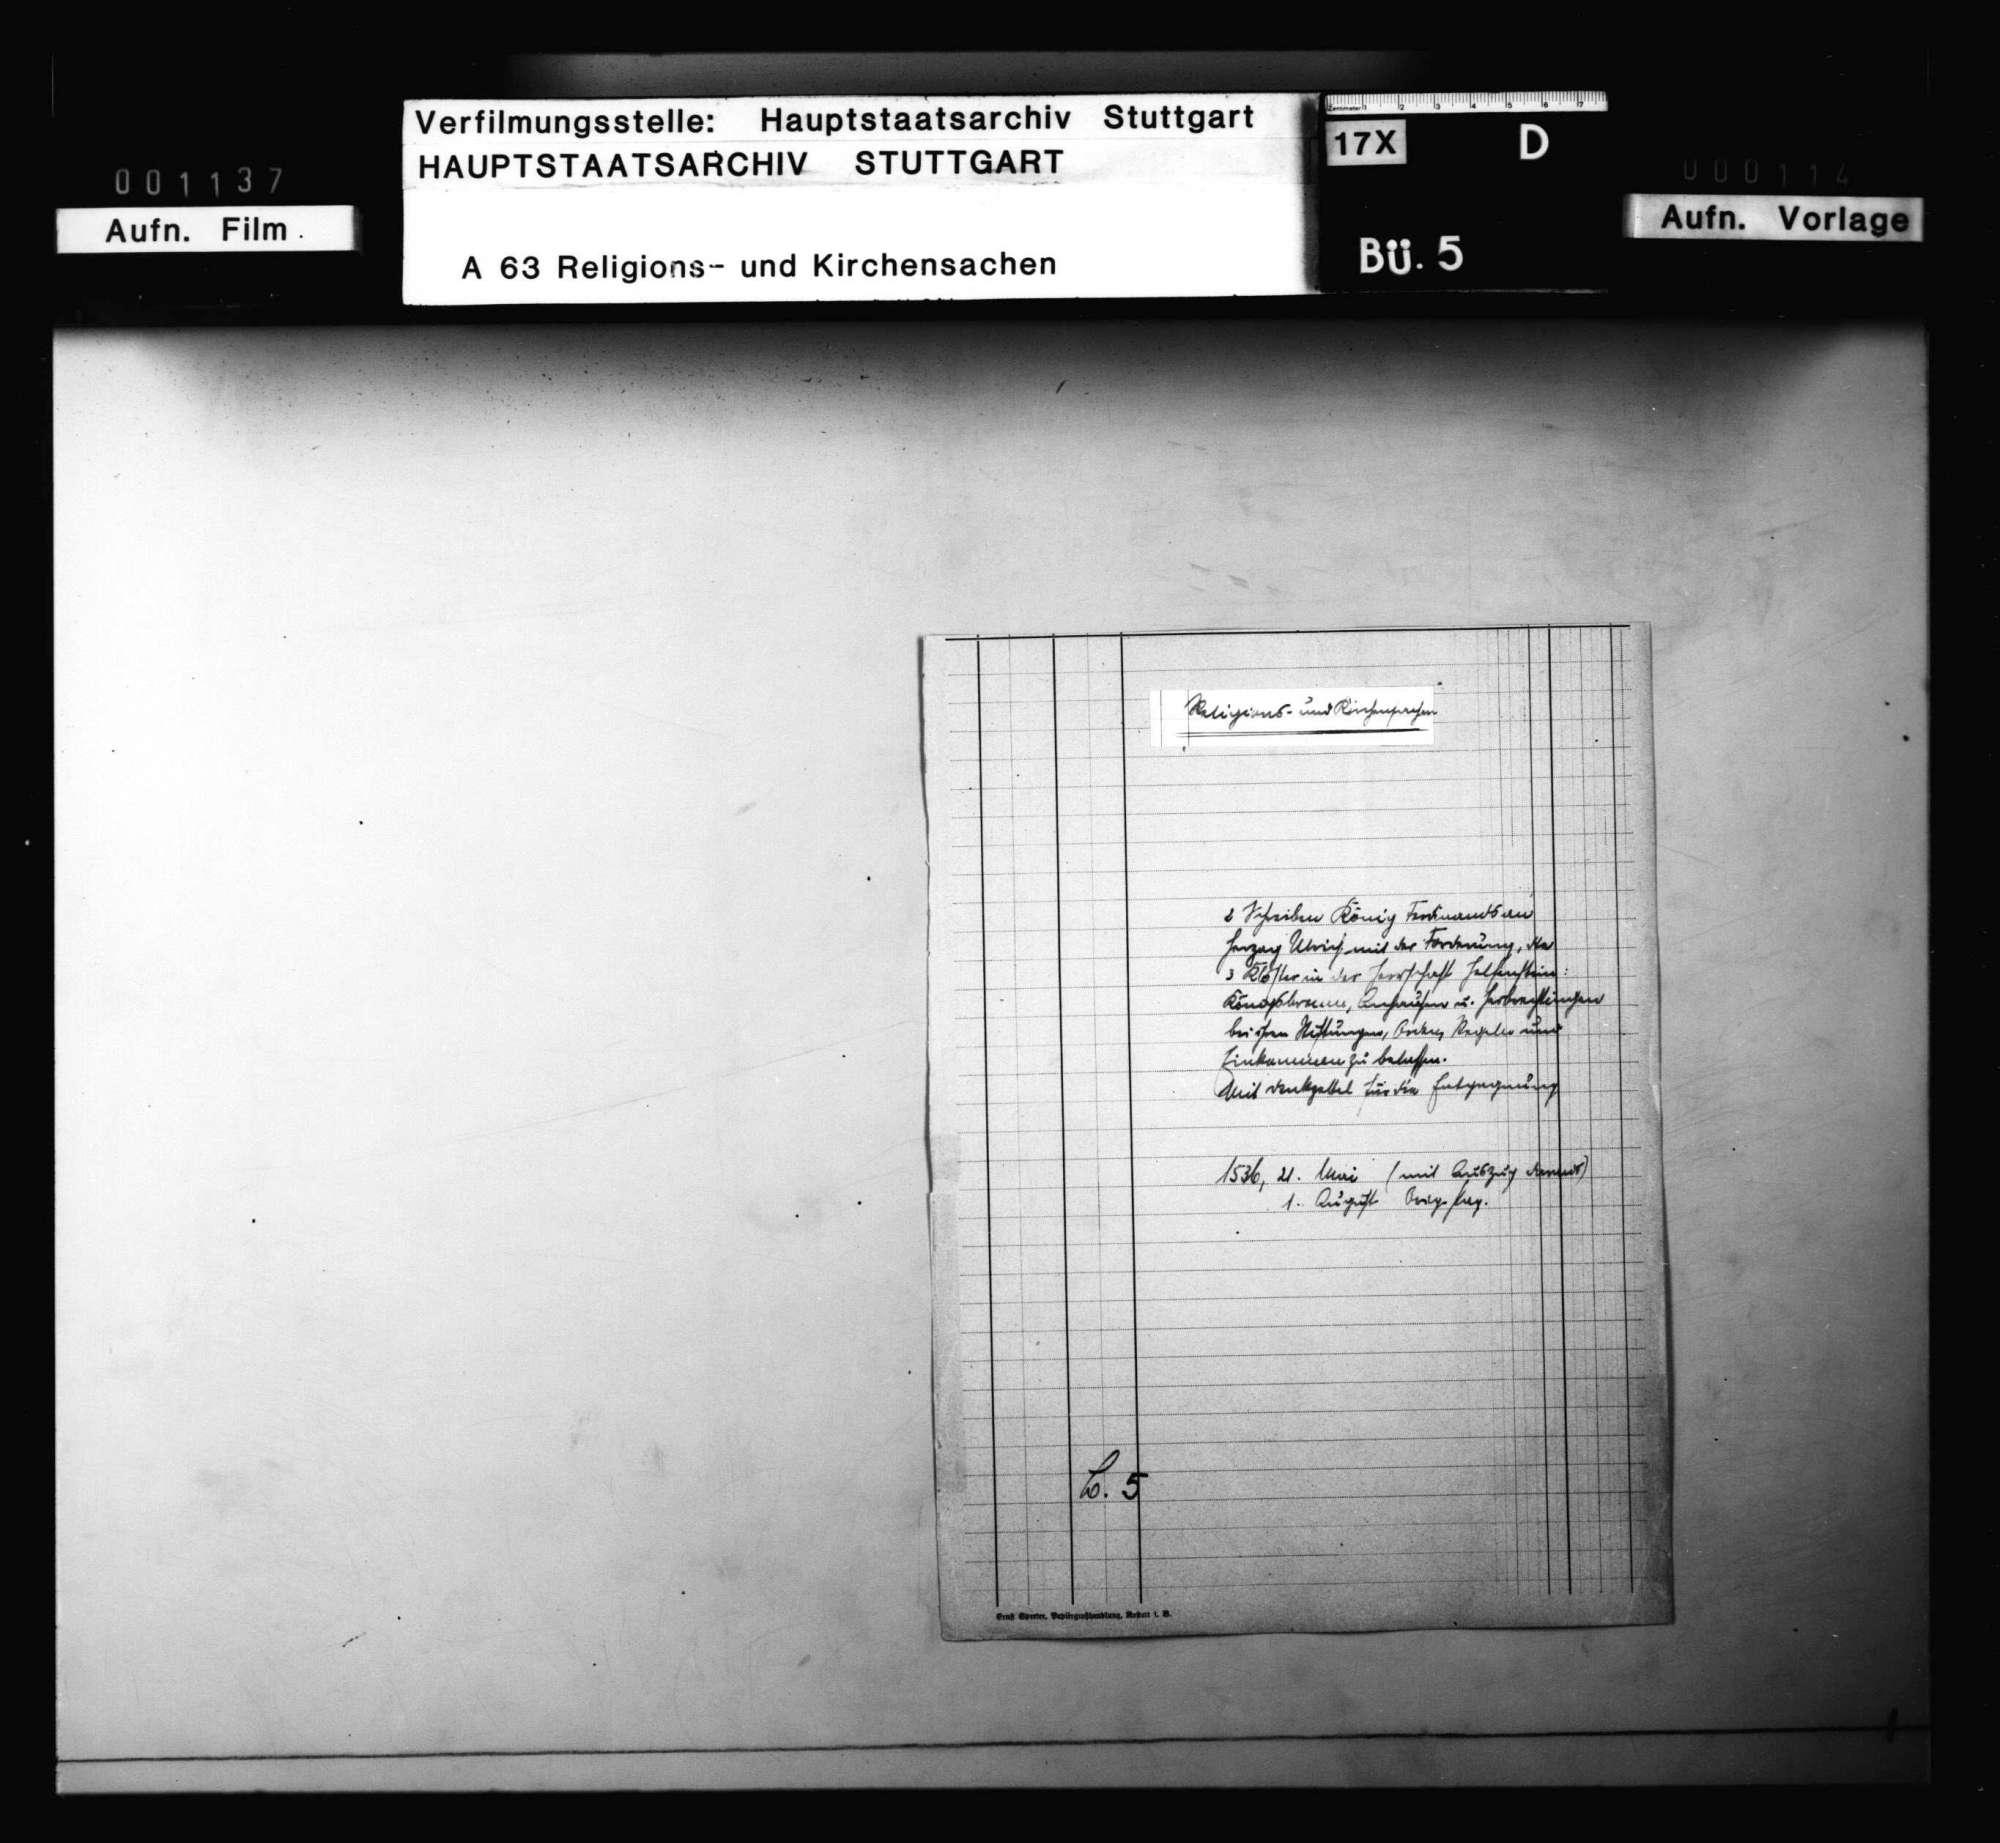 2 Schreiben König Ferdinands an Herzog Ulrich, die 3 Klöster in der Herrschaft Helfenstein (Königsbronn, Anhausen und Herbrechtingen) bei ihren Stiftungen, Orden, Regeln und Einkommen zu belassen., Bild 1